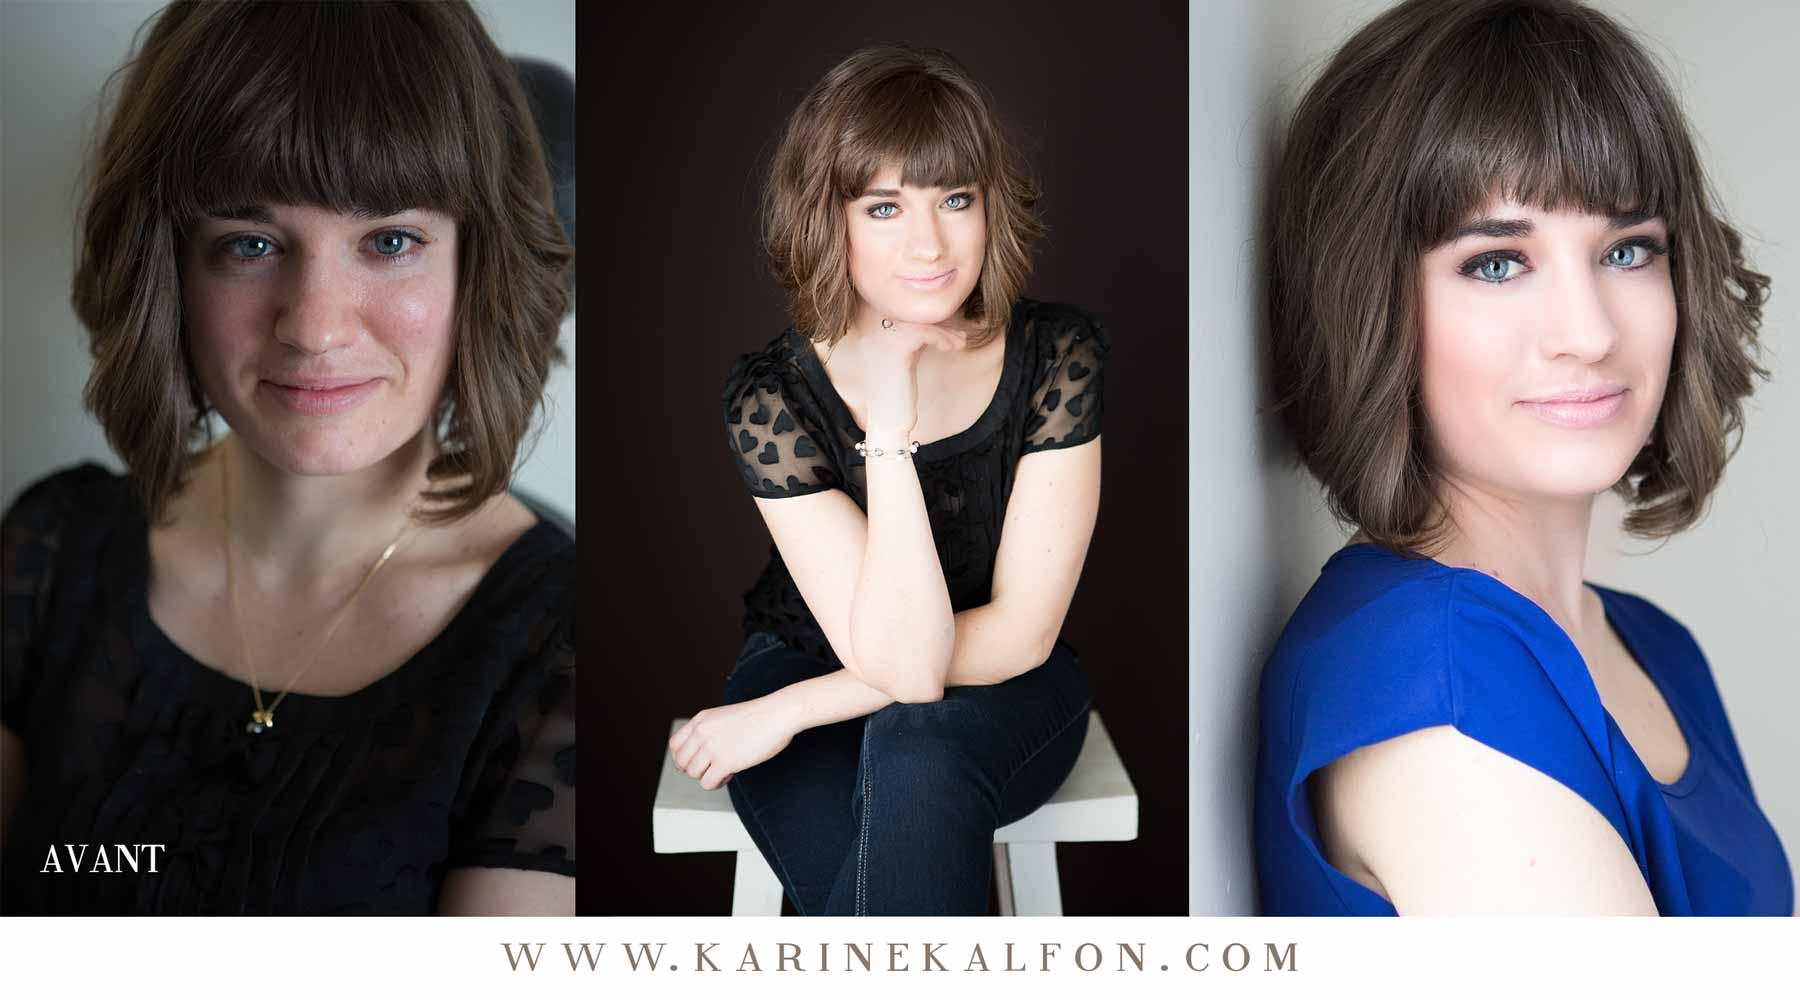 Karine_Kalfon_Portrait_21